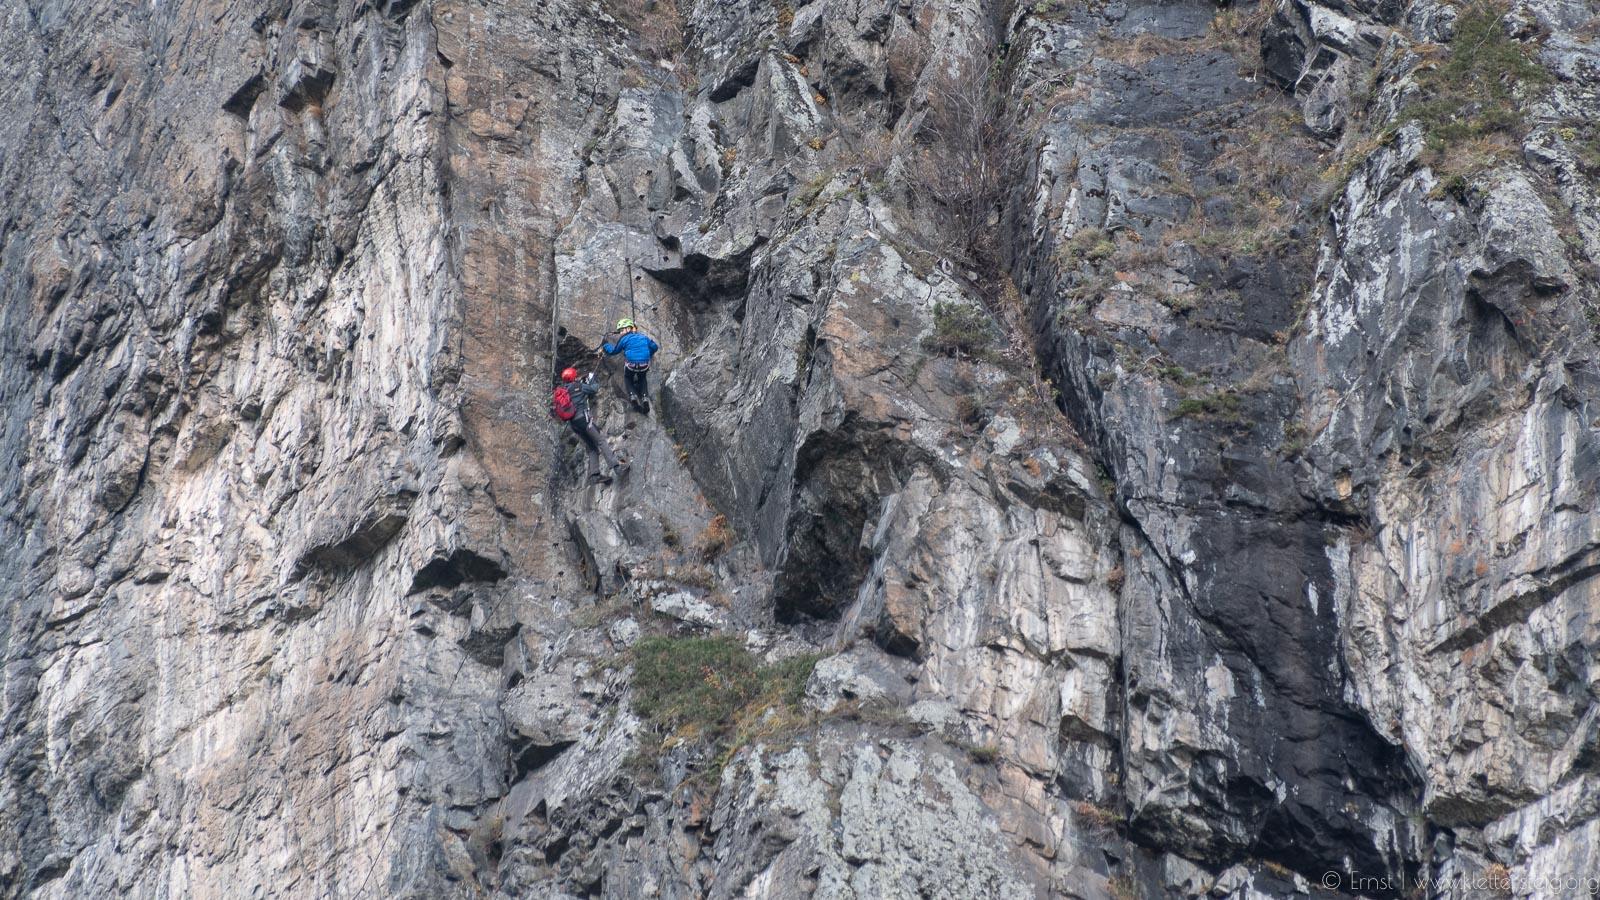 Klettersteig Längenfeld : Reinhard schiestl klettersteig bergungsaktion klettersteige